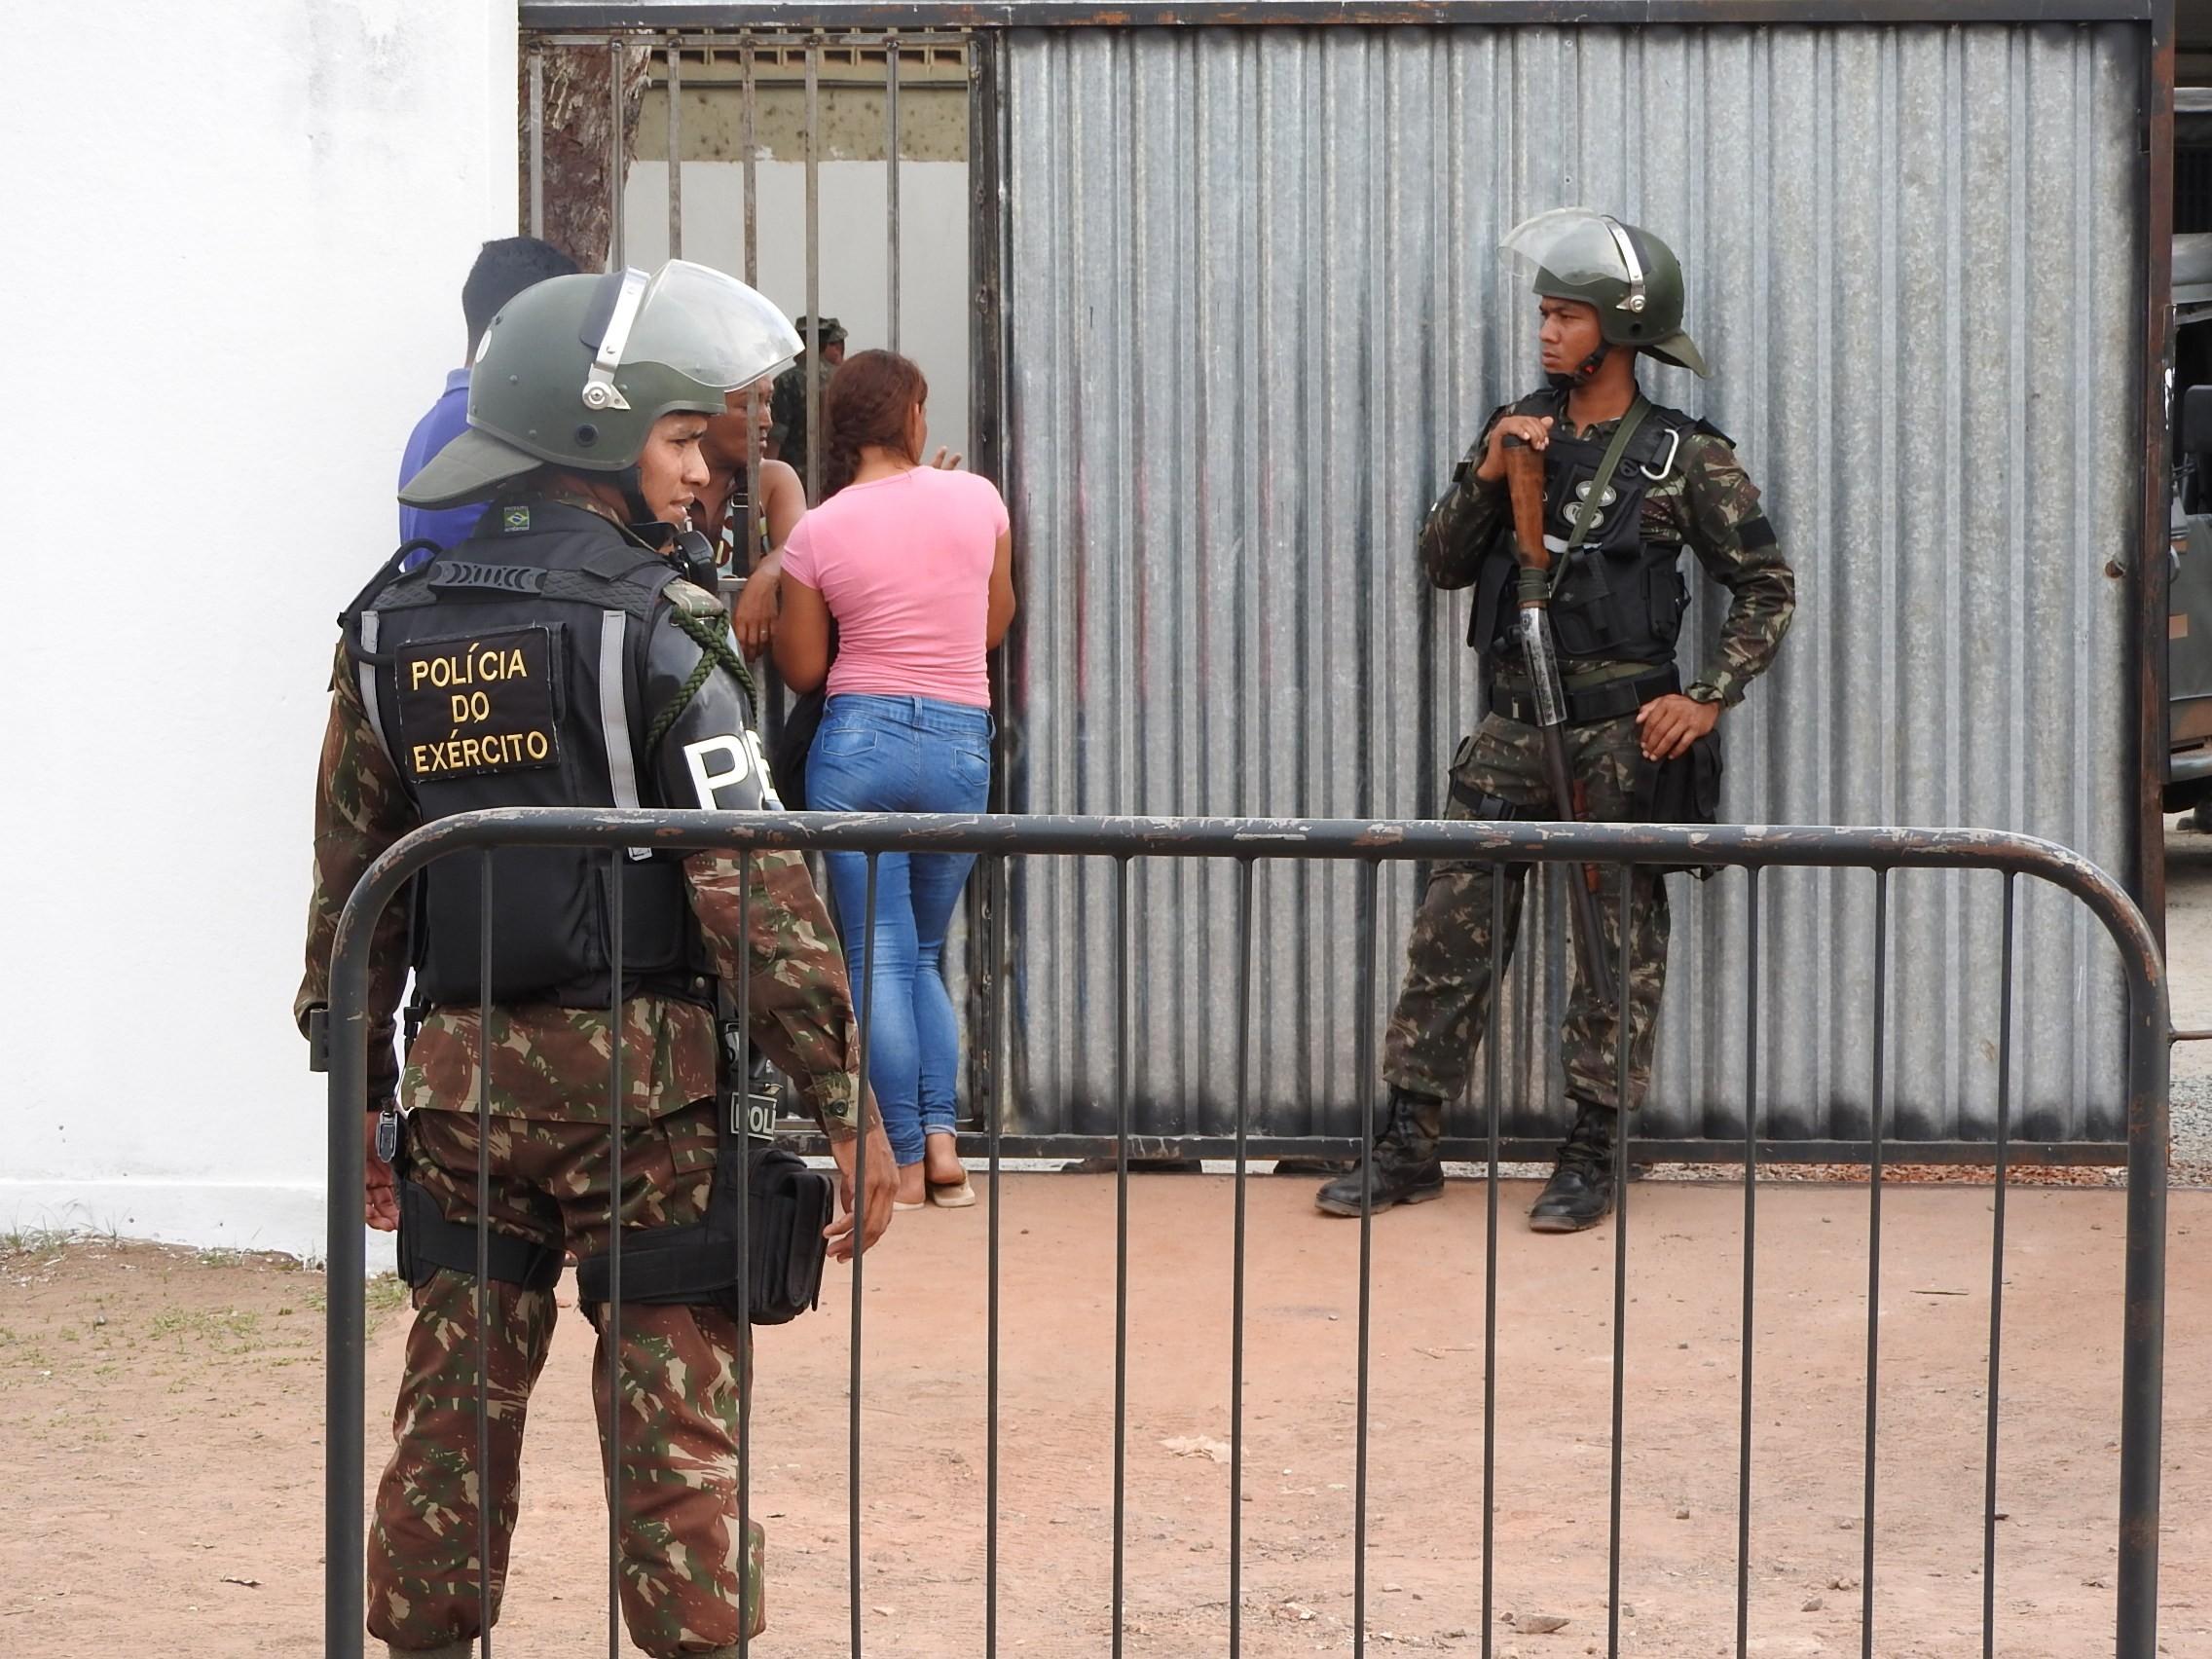 Conselho de Direitos Humanos critica 'acolhida humanitária militarizada' de venezuelanos em RR: 'é preocupante'